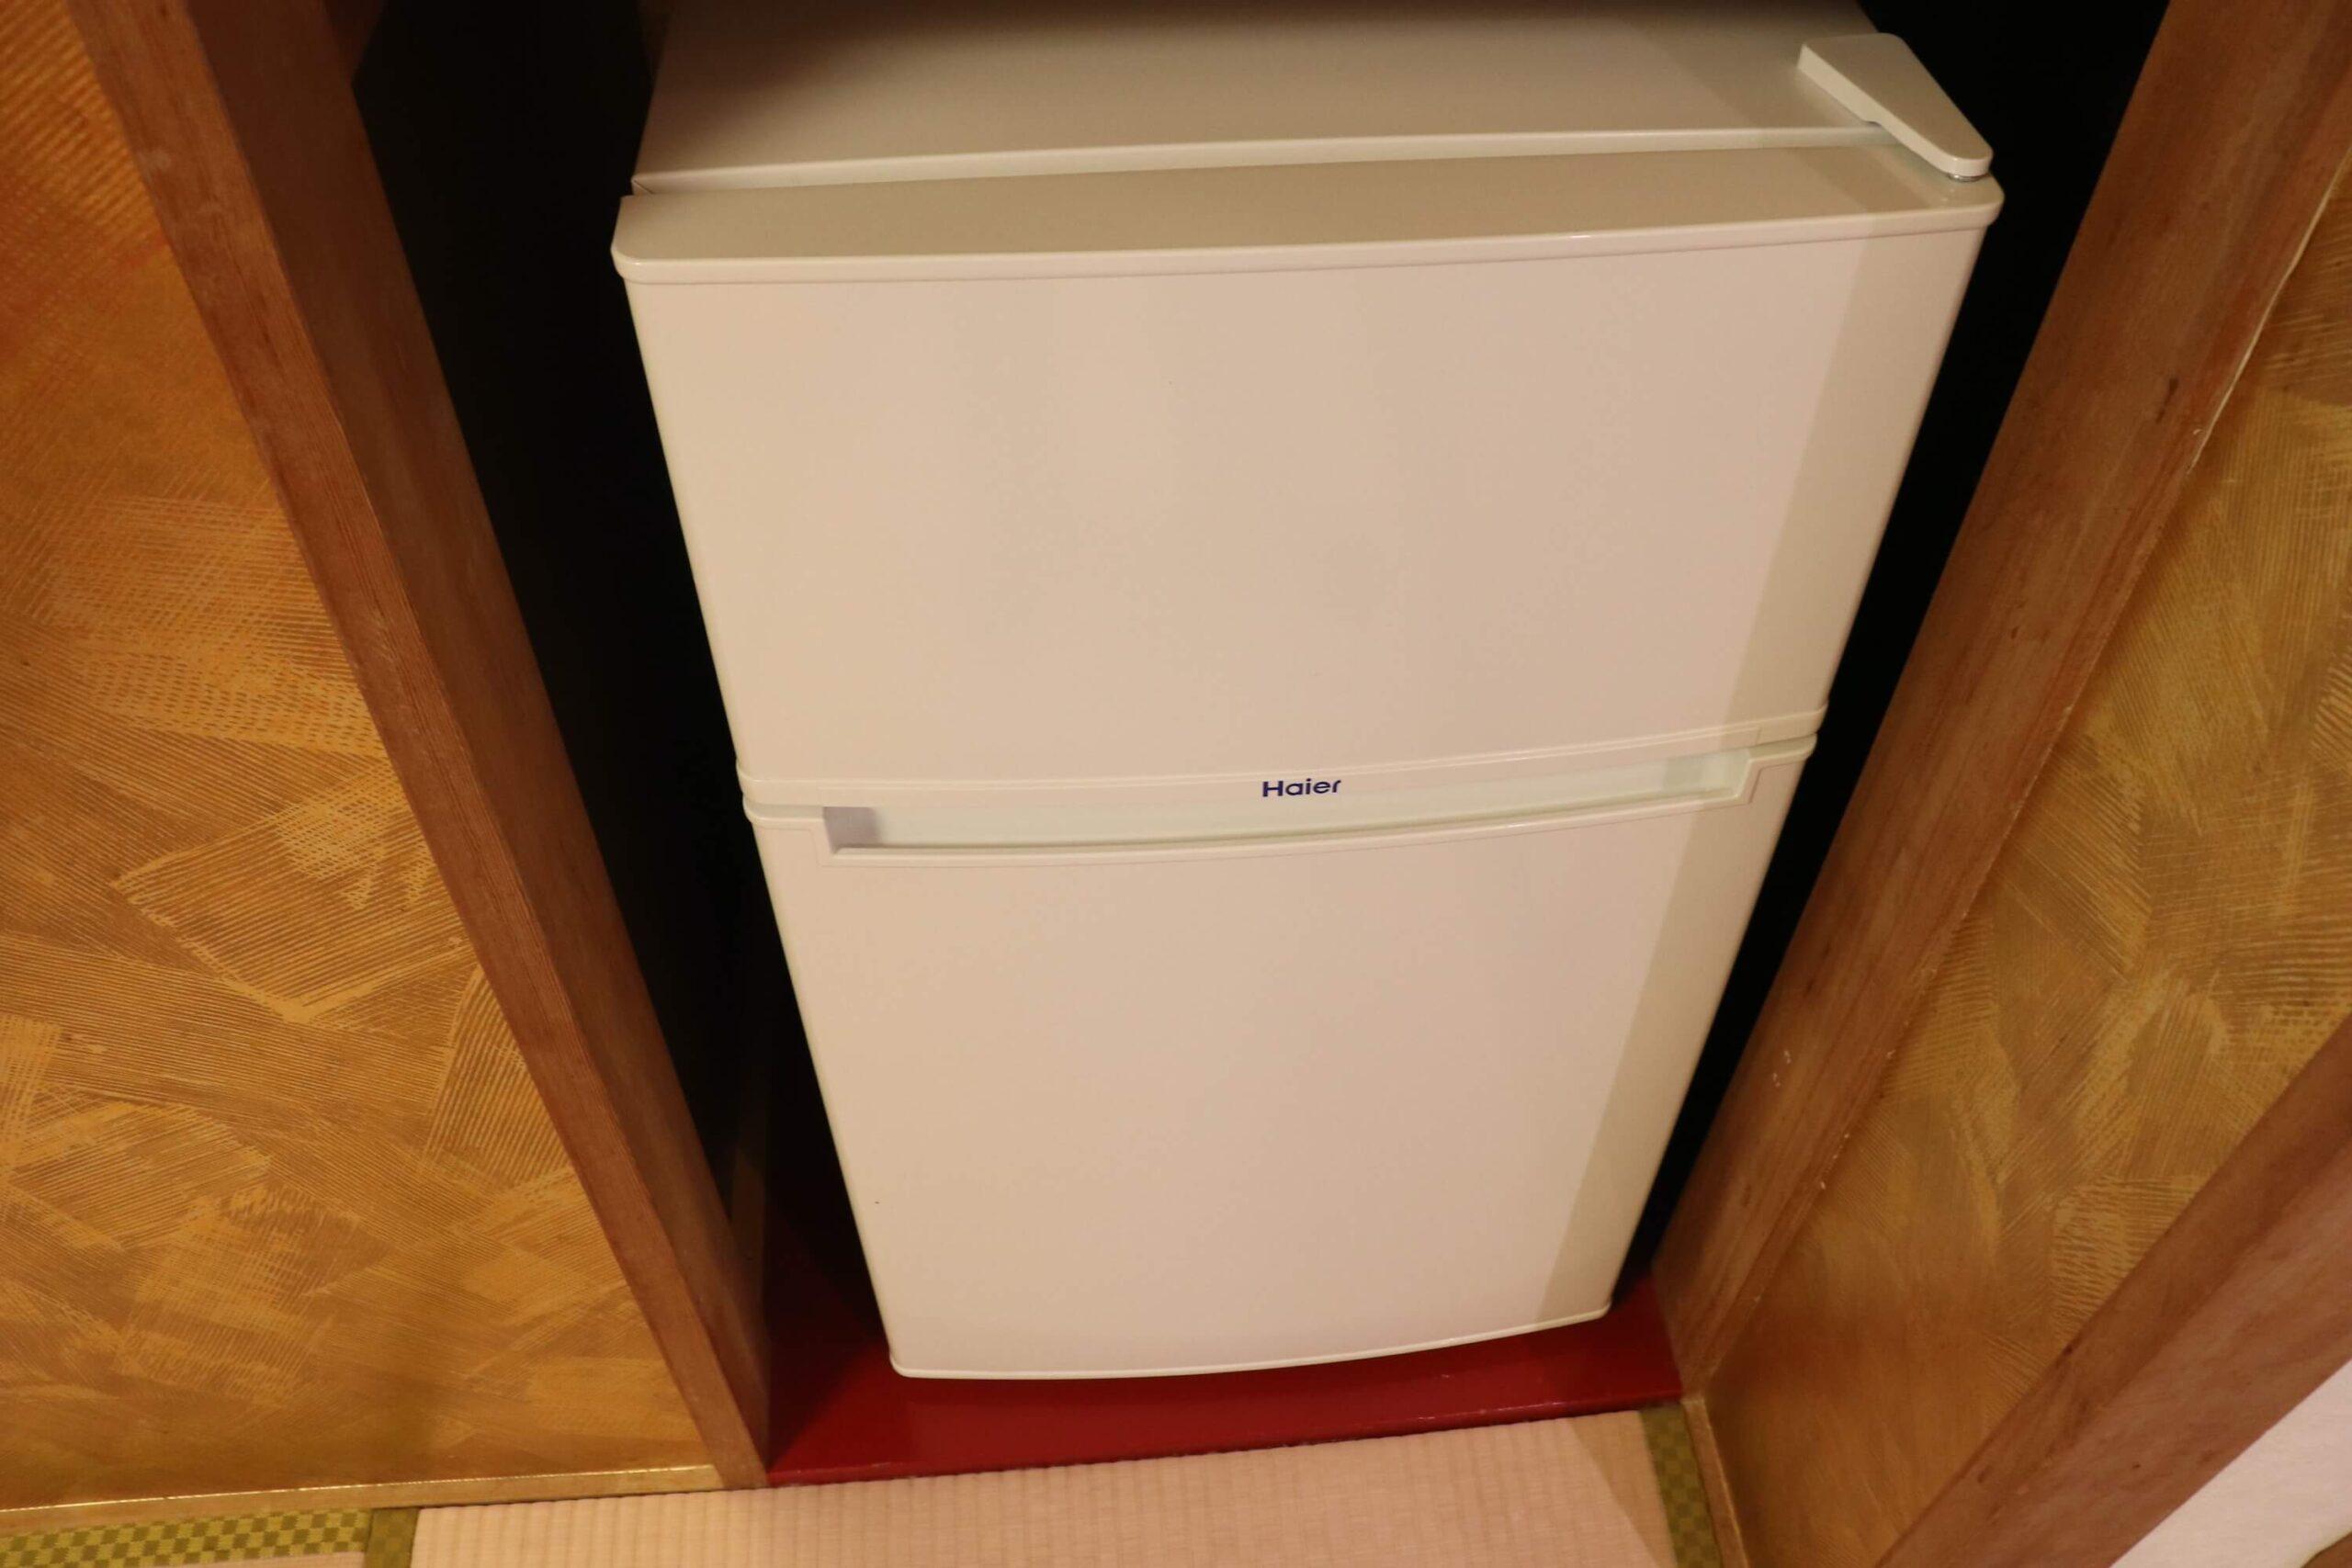 粋松亭やさしさに包まれて客室の金色の部屋の冷蔵庫